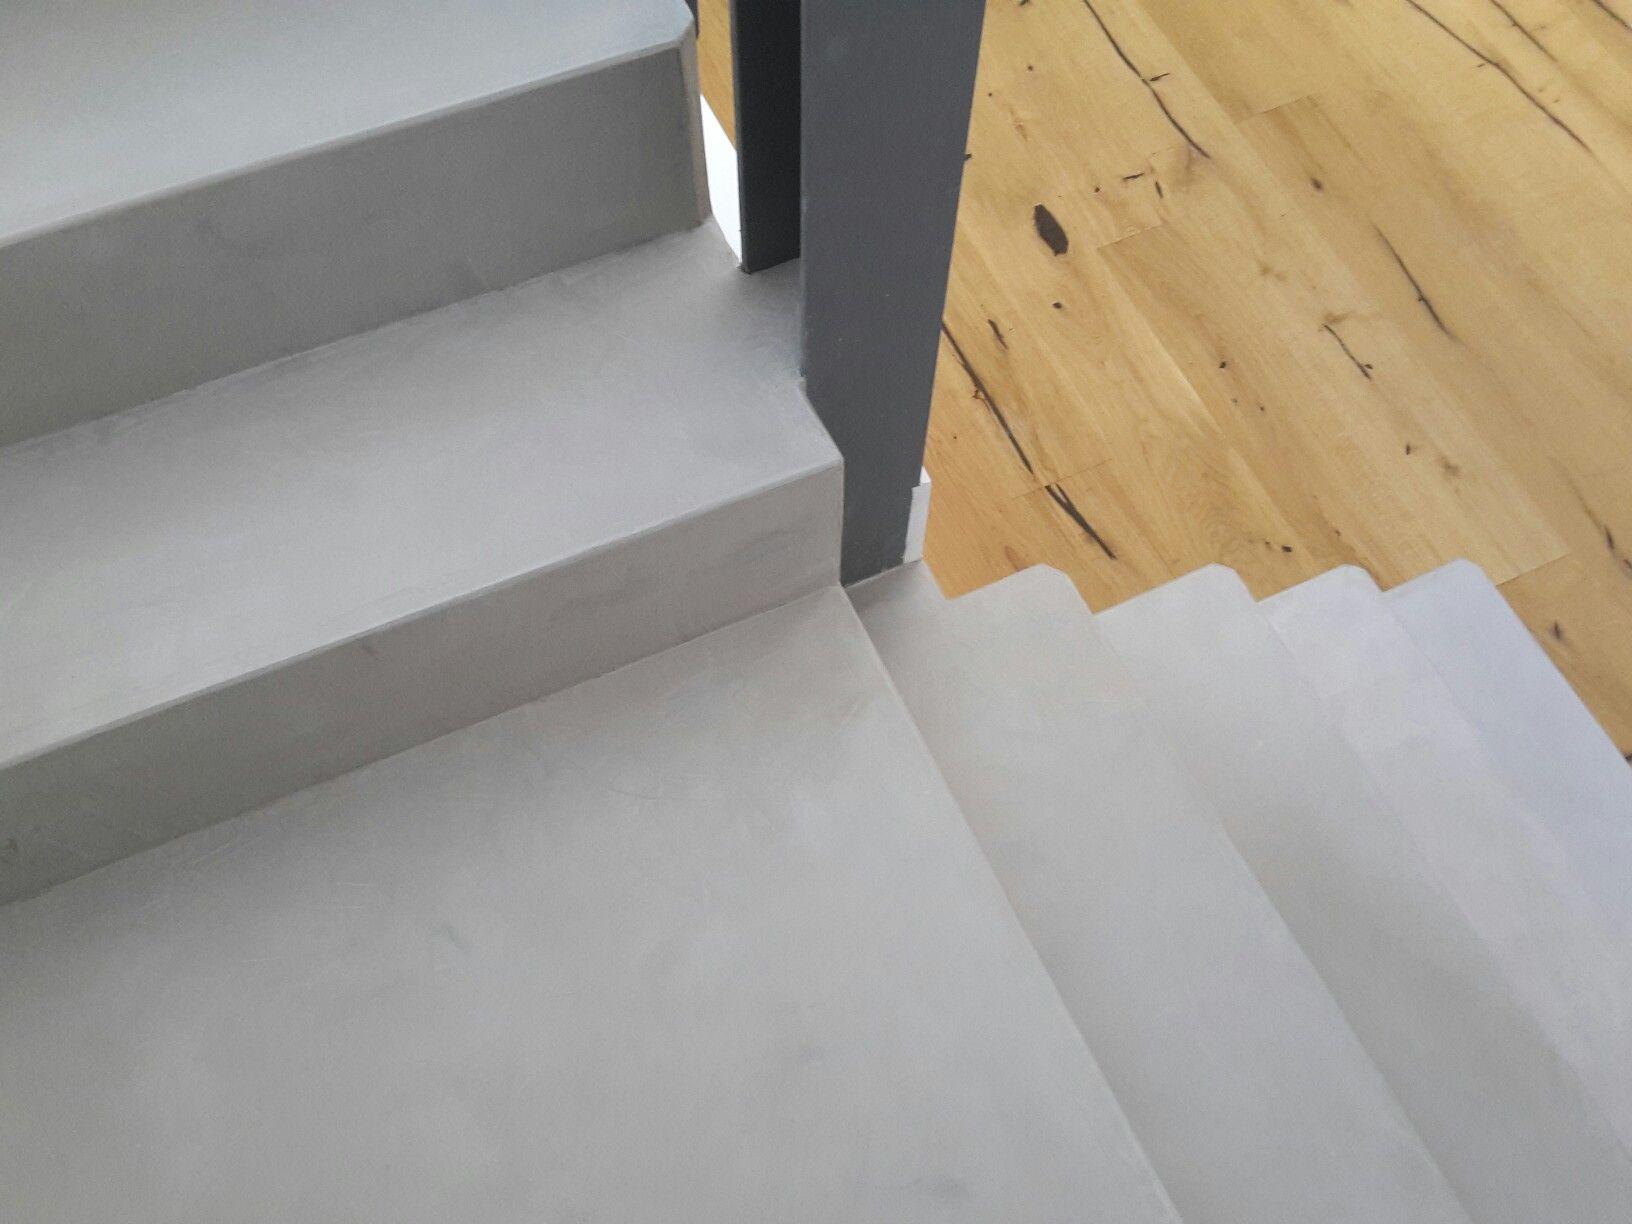 Gemütlich Fugenfarbe Für Küchenboden Bilder - Küchenschrank Ideen ...